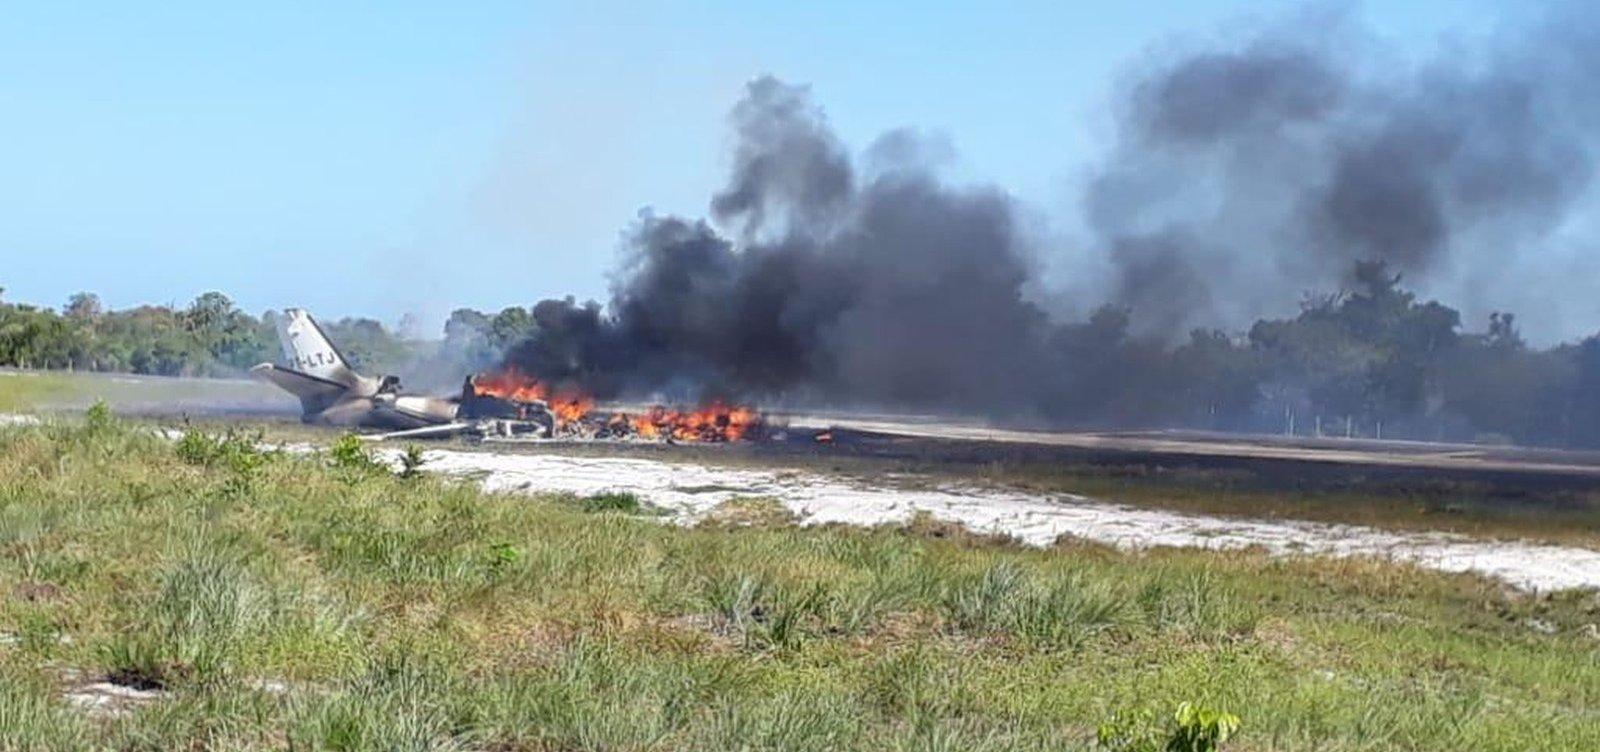 Morre em hospital quarta vítima de acidente com aeronave em Maraú